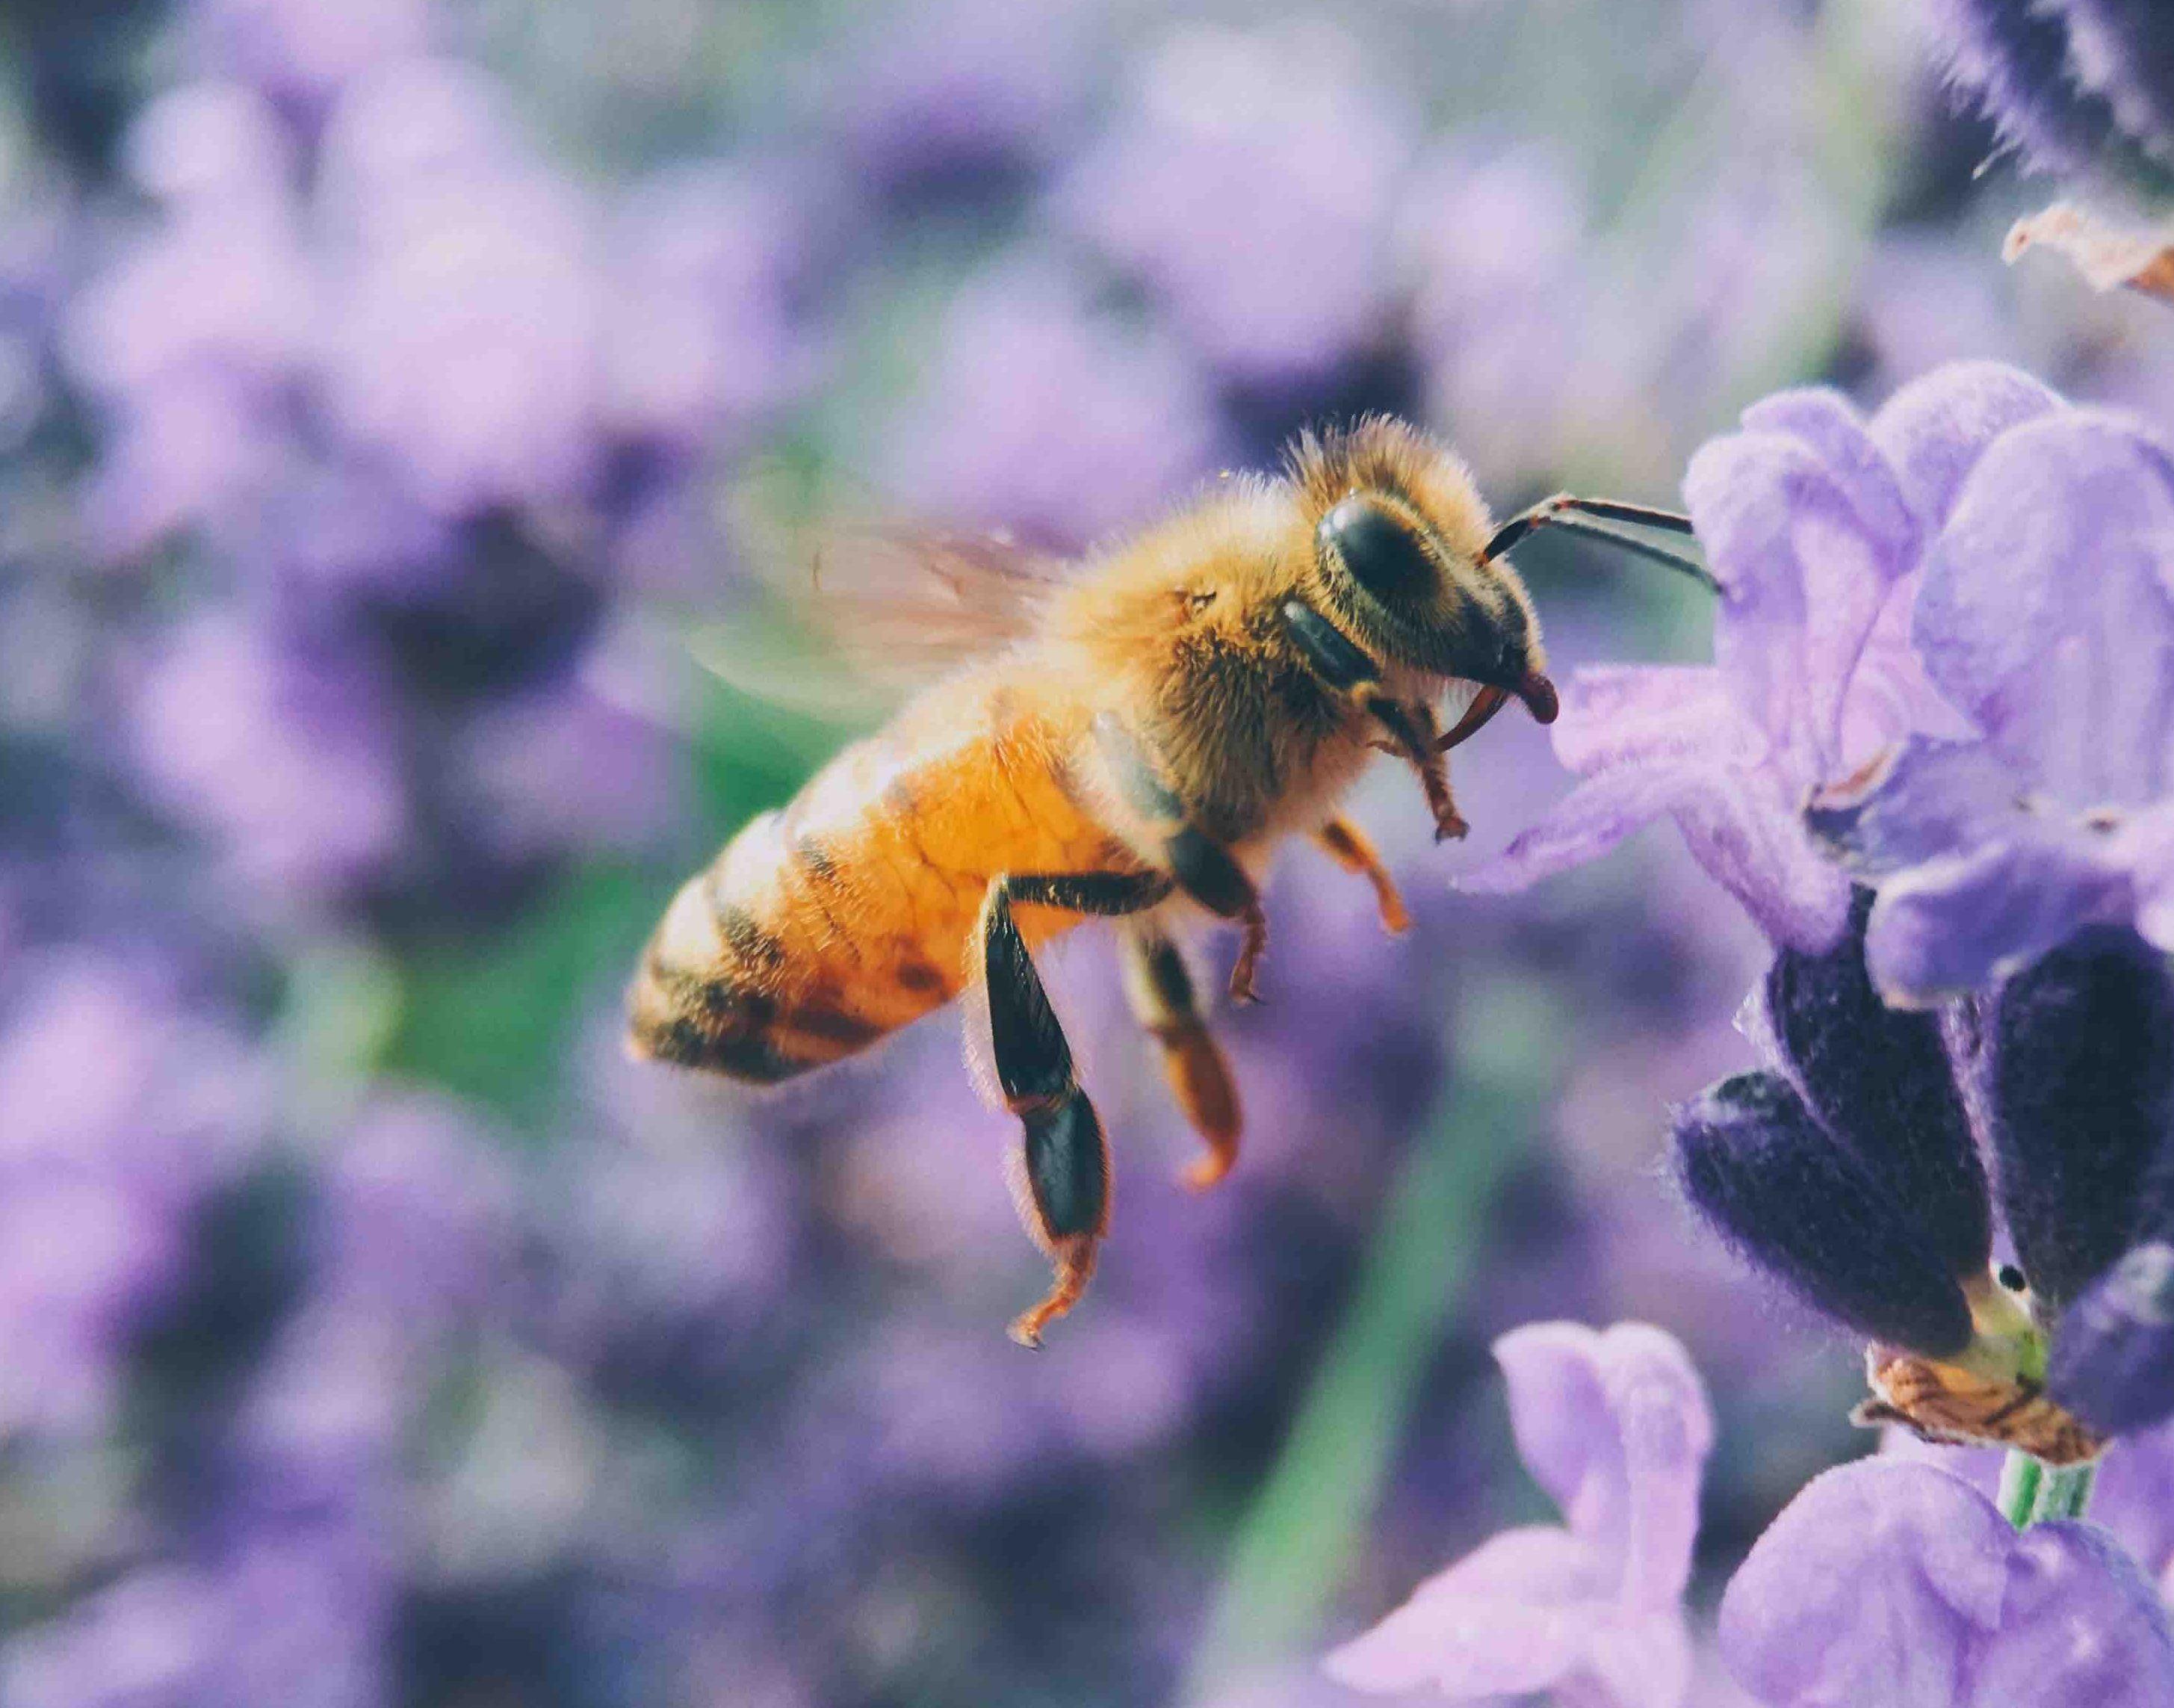 Sauvons Maya protège les abeilles -Unsplash - Aaron Burden